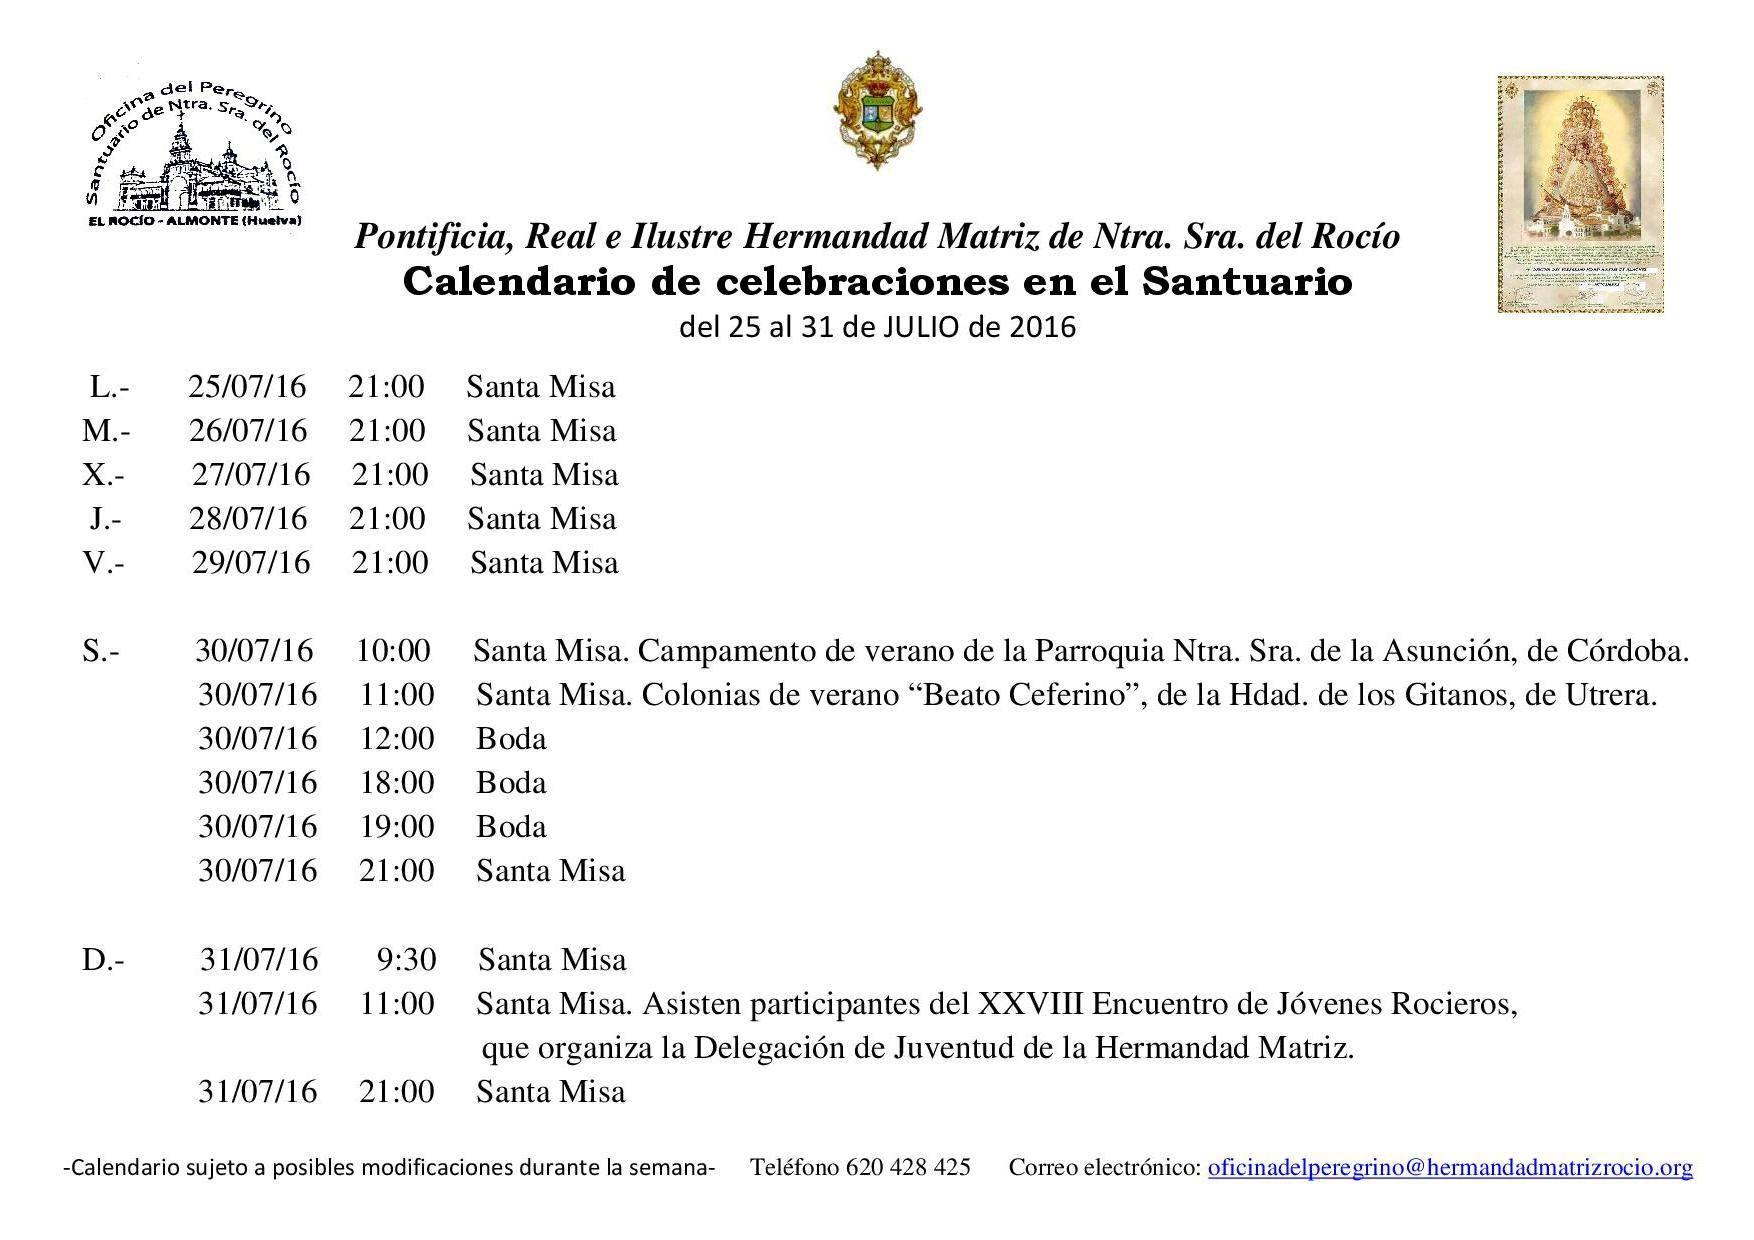 Julio Calendario.Calendario De Celebraciones En El Santuario Del Rocio Del 25 Al 31